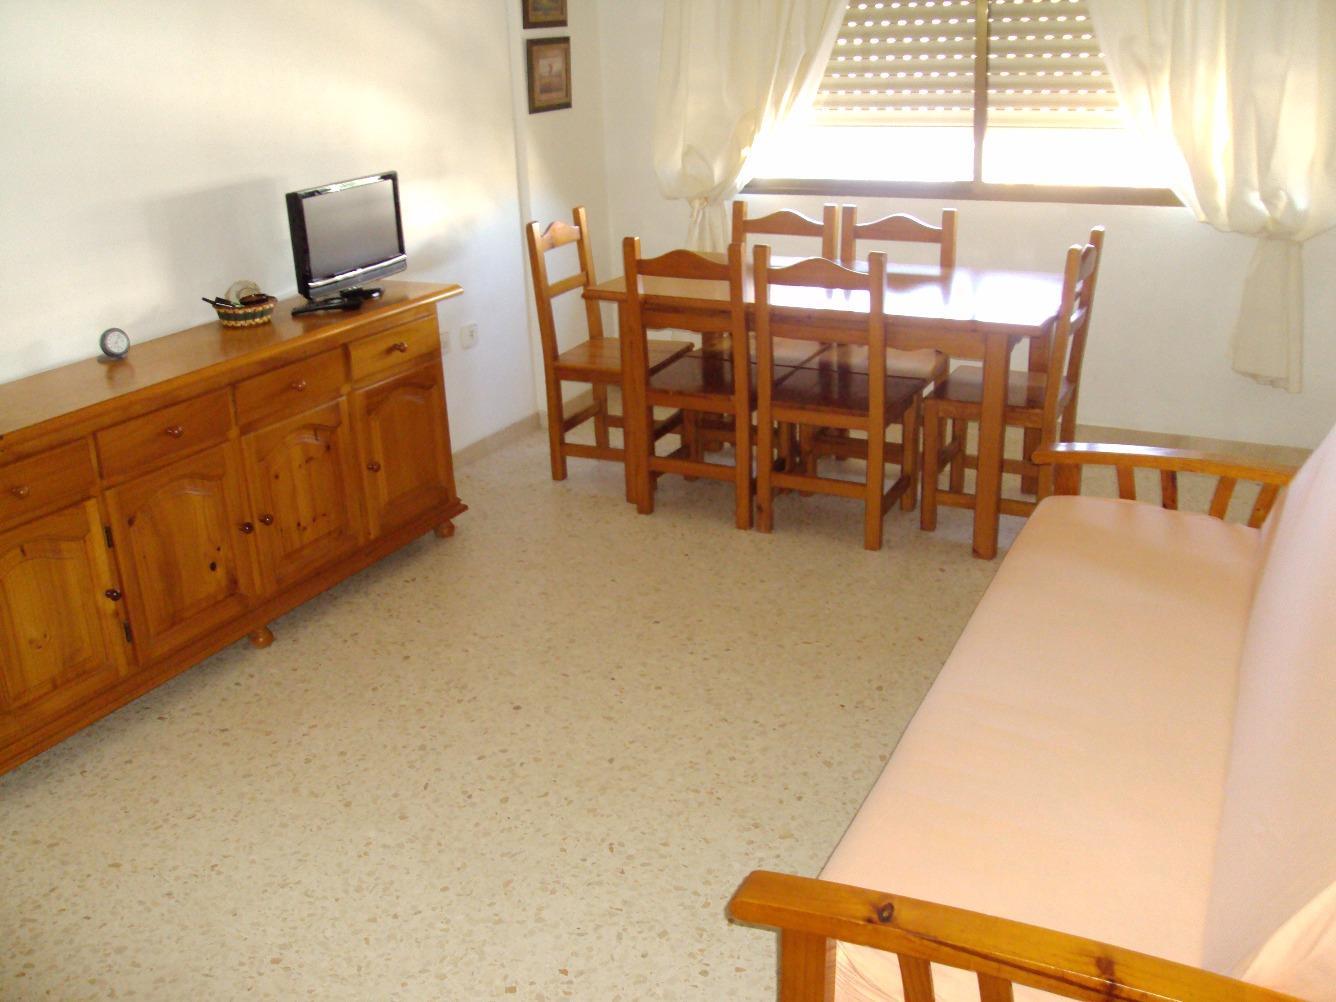 Piso en alquiler de vacaciones con 60 m2, 2 dormitorios  en La Antilla